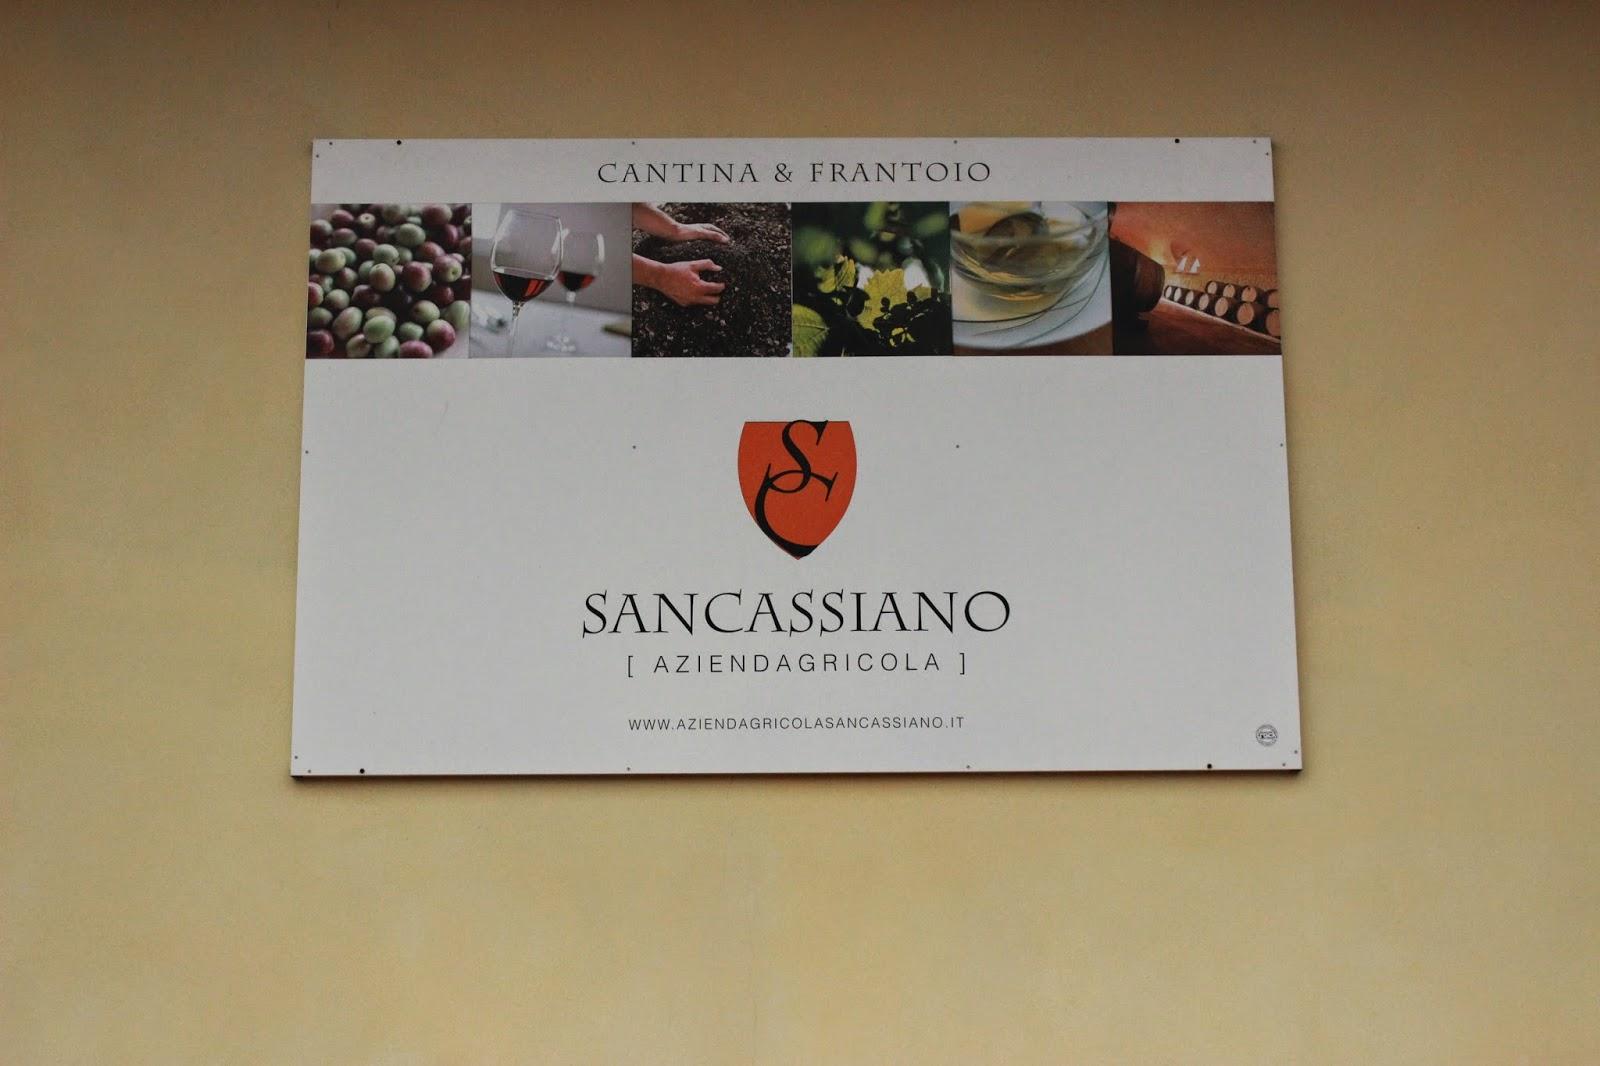 Azienda Agricola San Cassiano